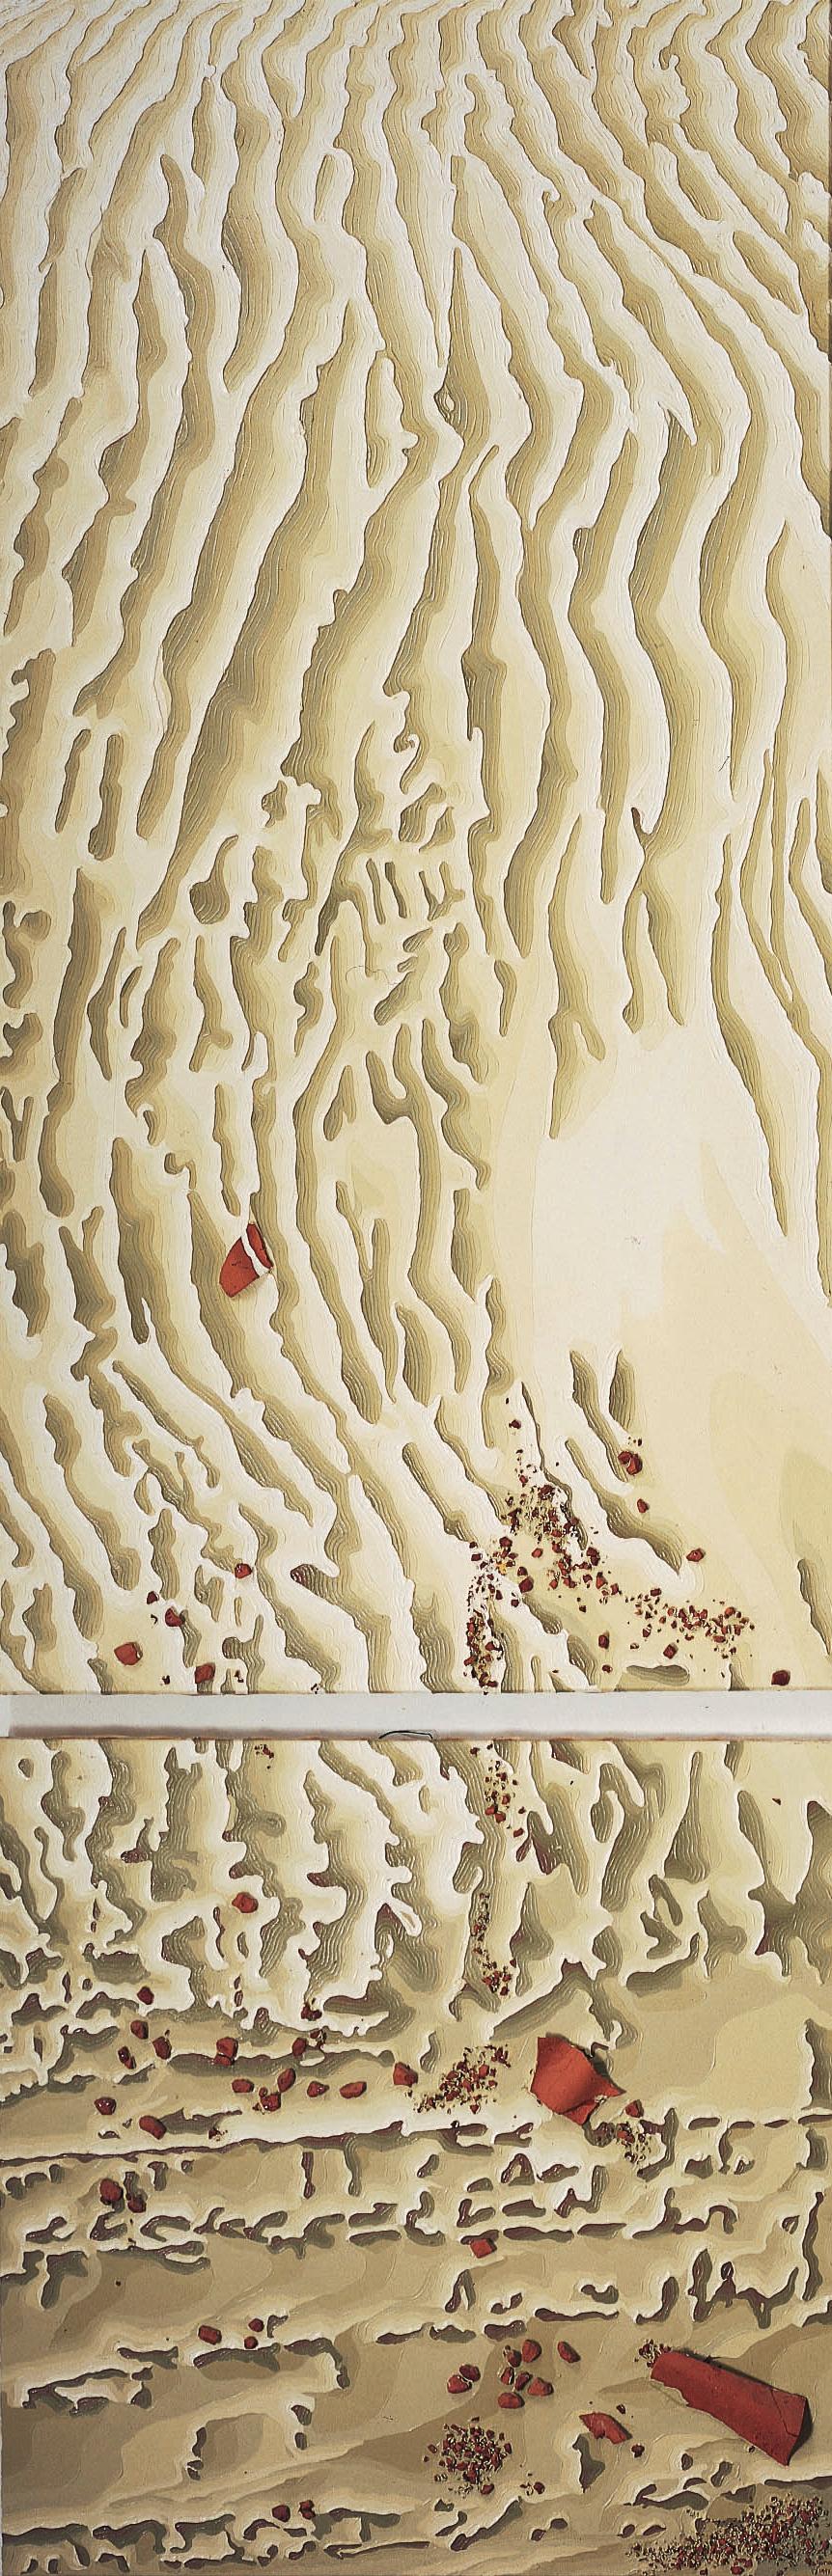 196 - Oil on canvas 310X100 cm.jpg